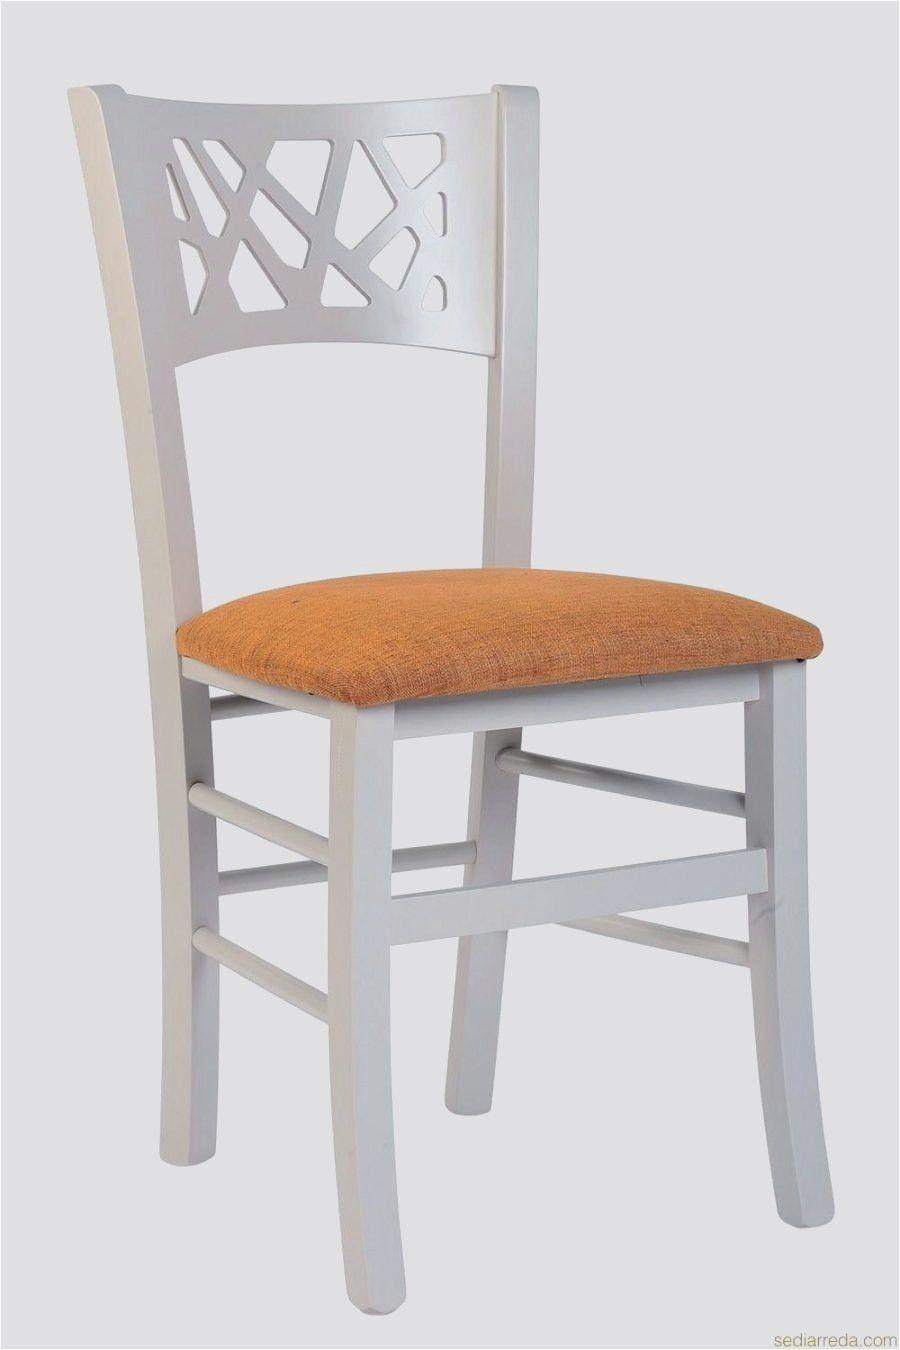 28 Frais Chaise Pied Compas Idees Astucieuses Chaise 3 Pieds Onu Chaise Blanche Pied Bois Chaise Bois Design Table Et Chaise Exterieur Chaise Pliante Bois